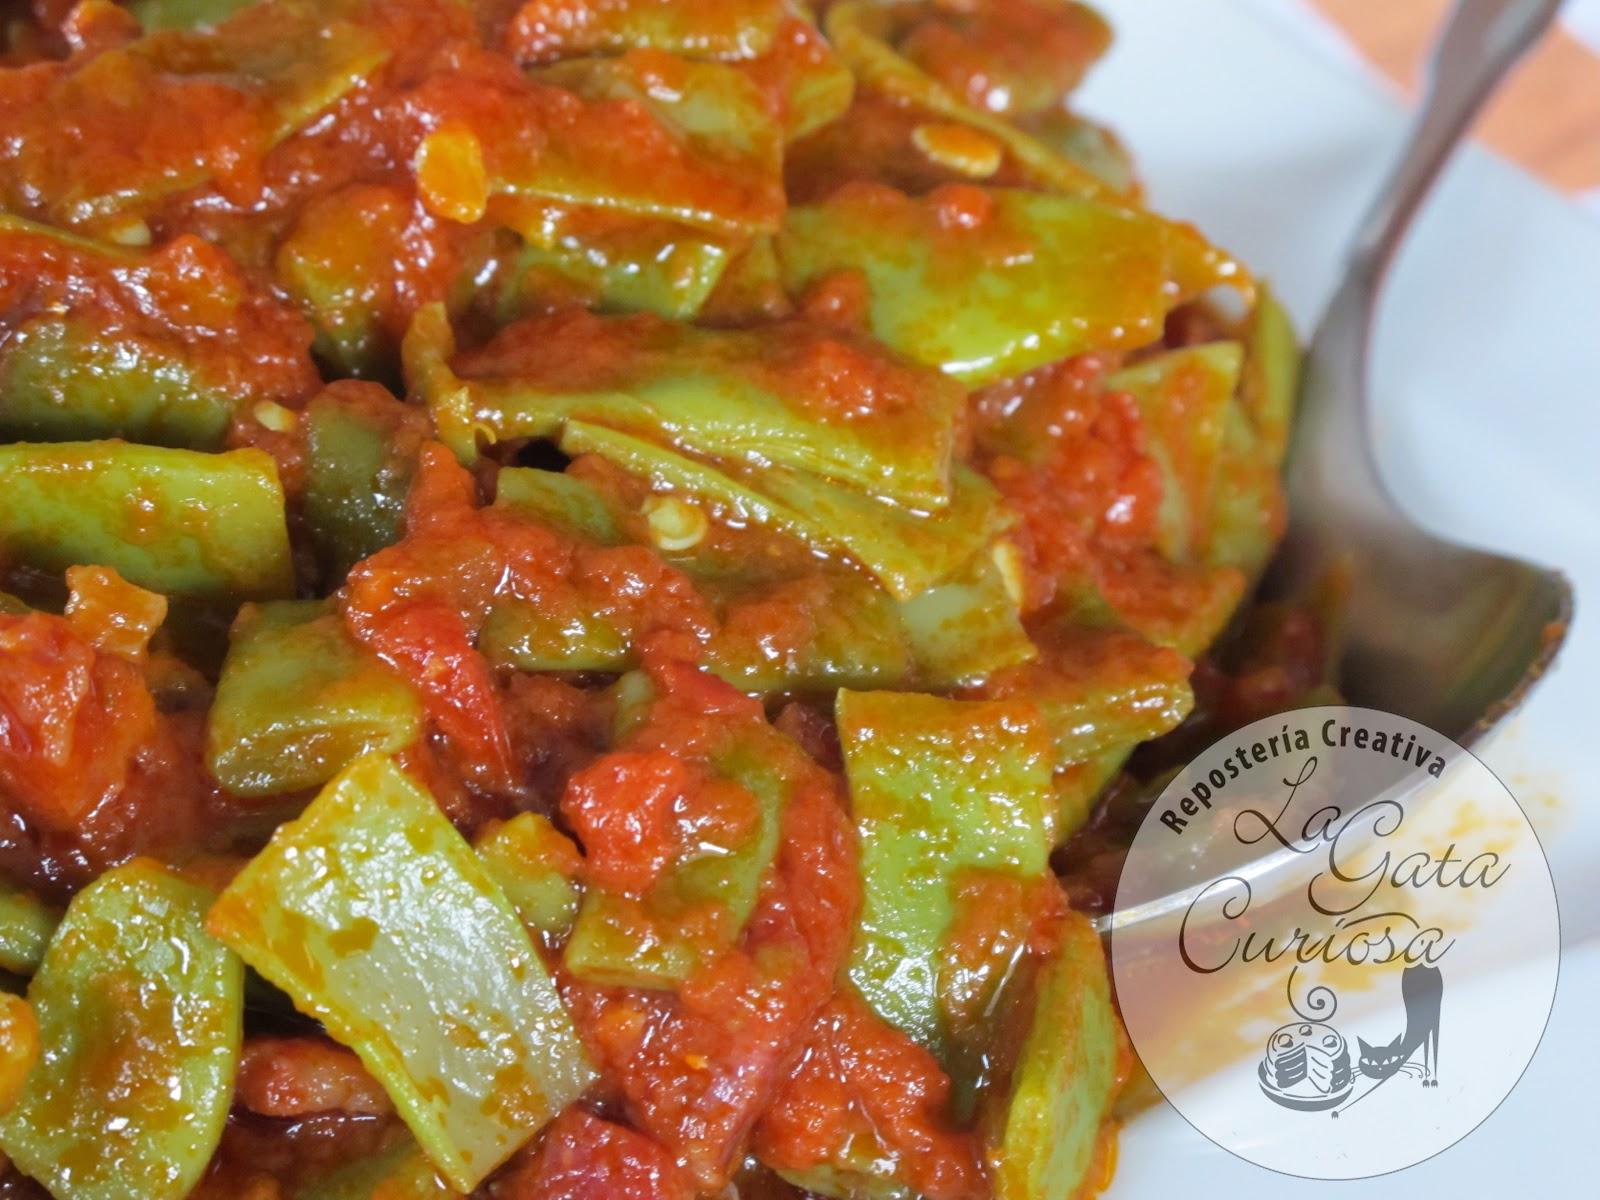 La gata curiosa judias verdes salteadas con jamon iberico - Tiempo de coccion de judias verdes ...